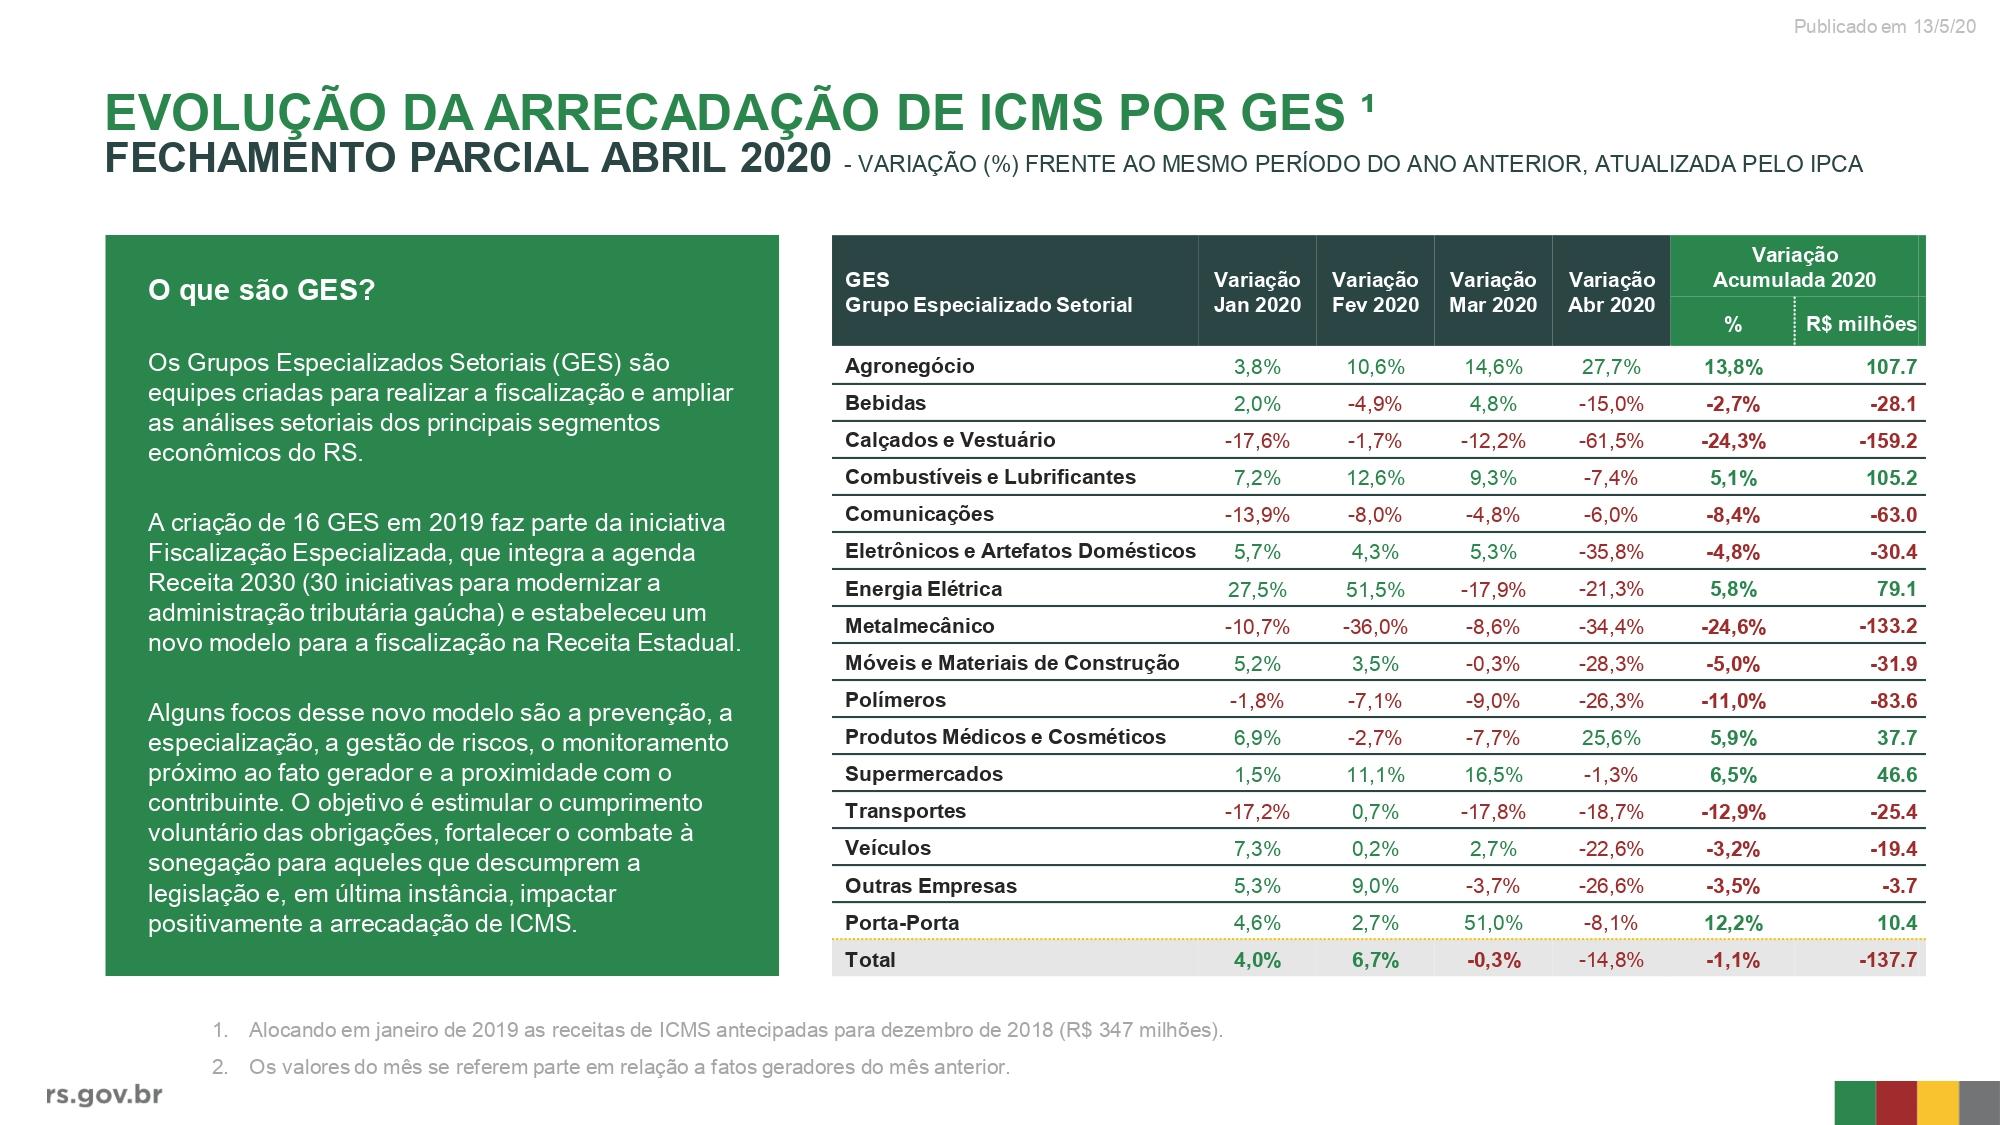 tabela com a queda arrecadação por setor